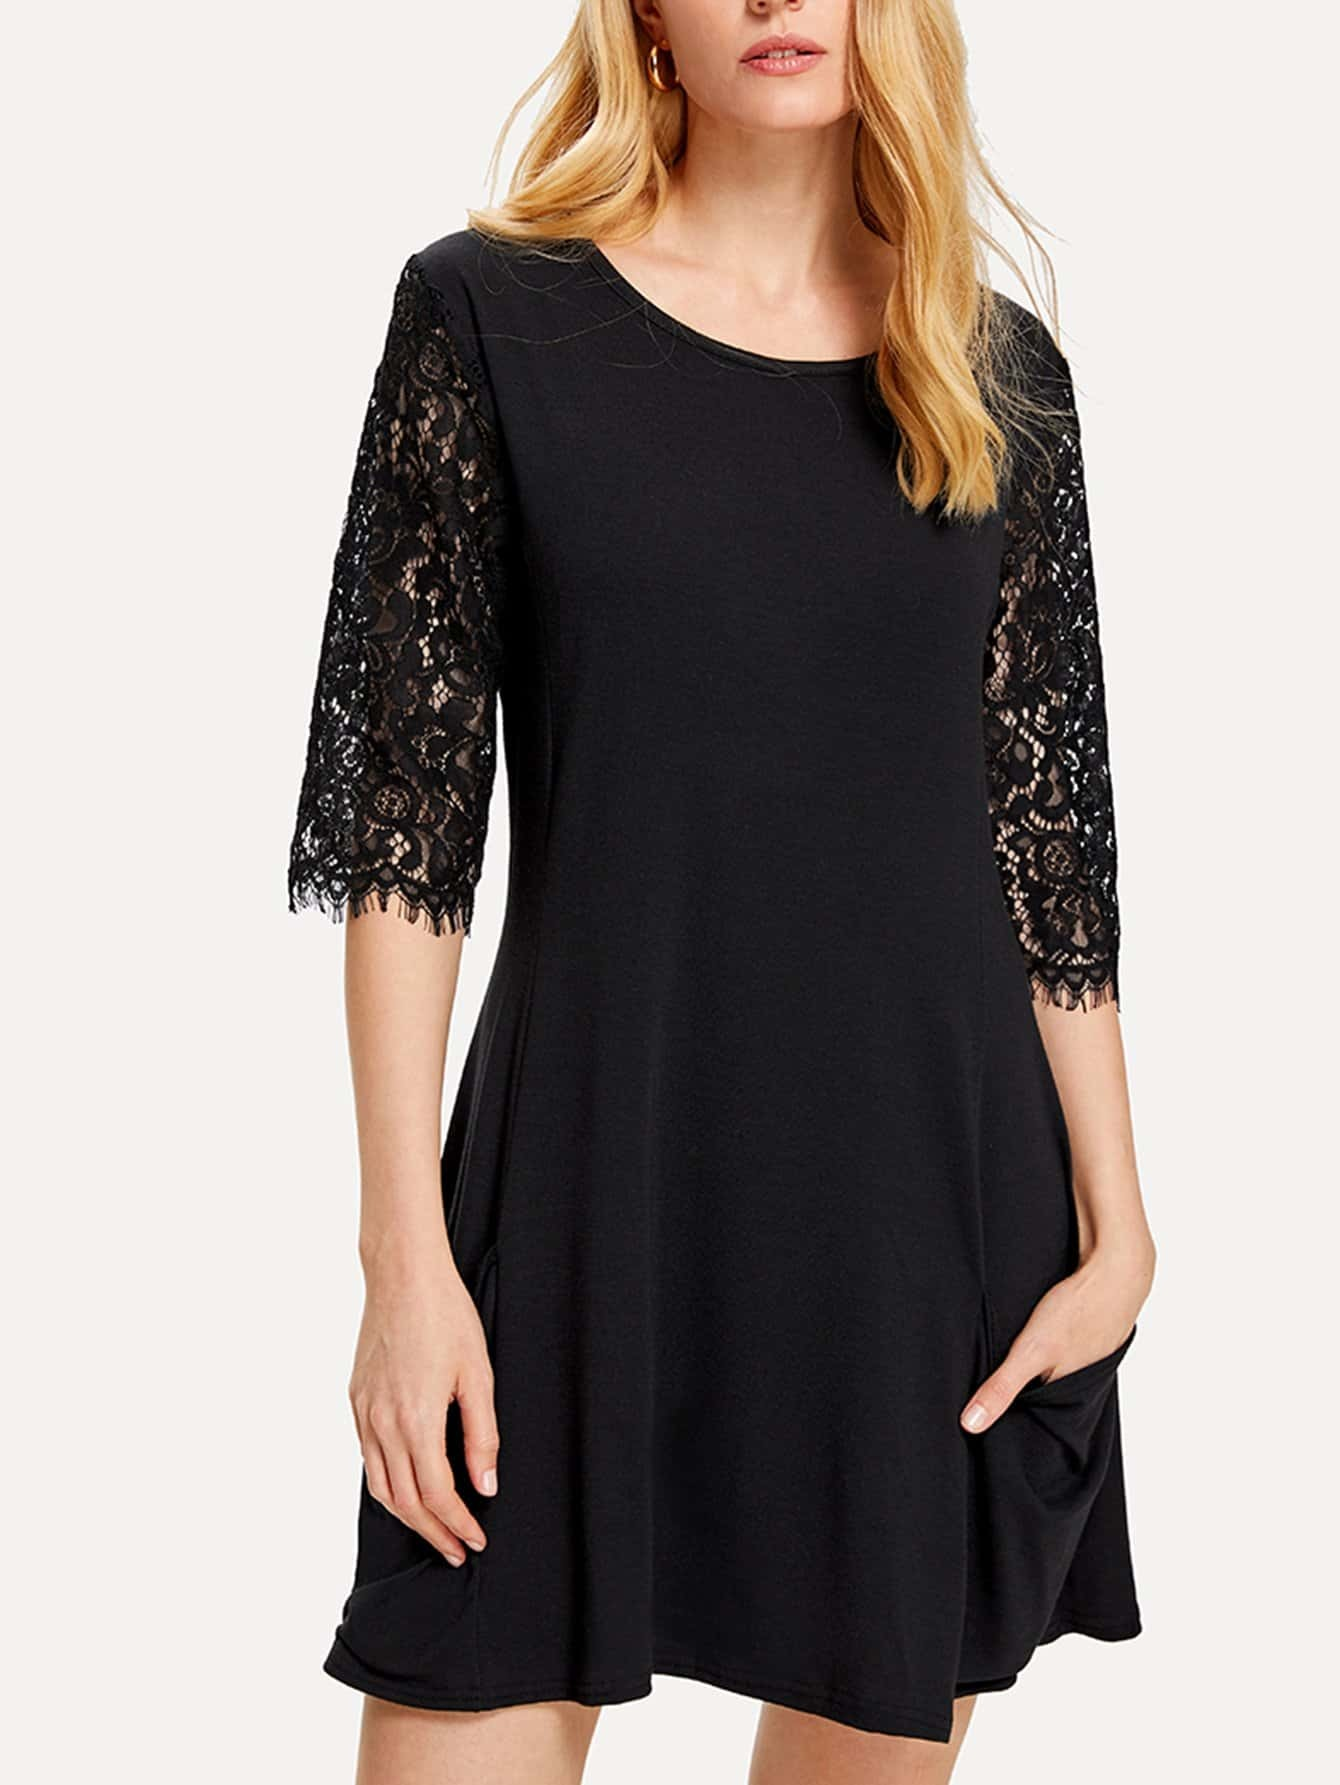 Lace Sleeve Pocket Side Dress batwing sleeve pocket side curved hem textured dress